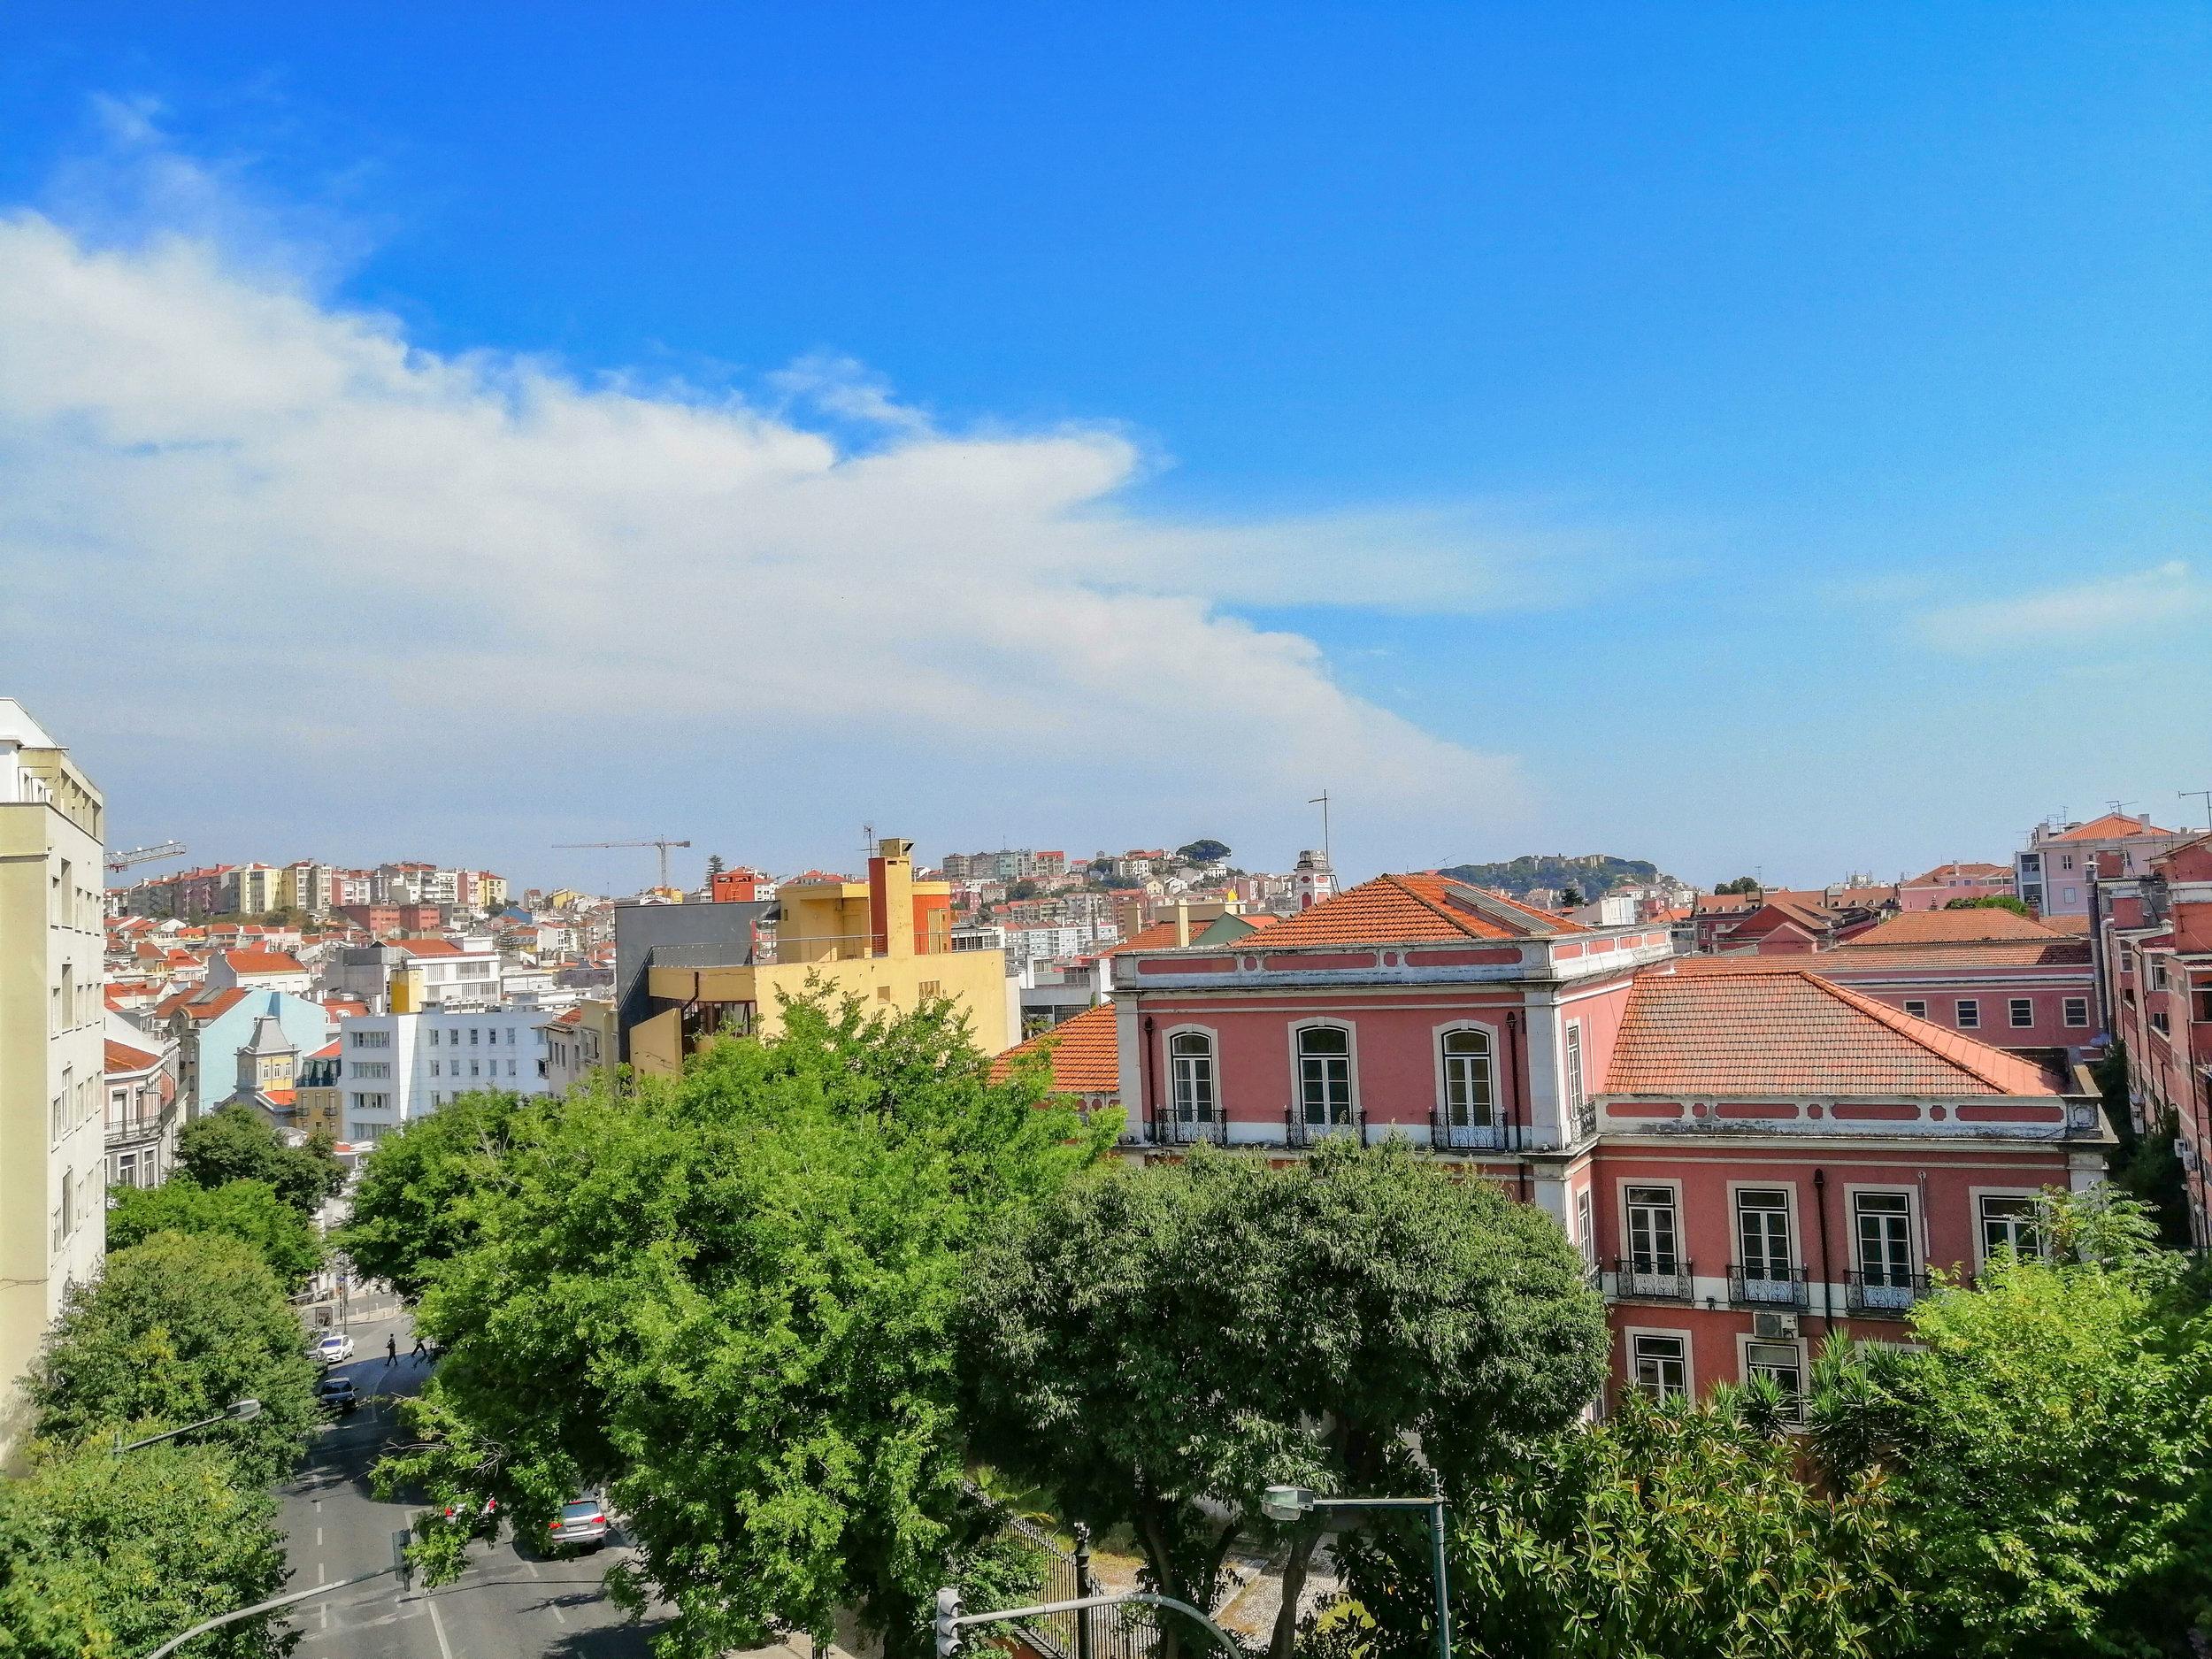 Localização - - Perto de cafés, supermercados e comércio local;- A 2 minutos do Metro e de todo o tipo de transportes;- Perto do Banco de Portugal;- Ao lado do Hospital Dona Estefânia.